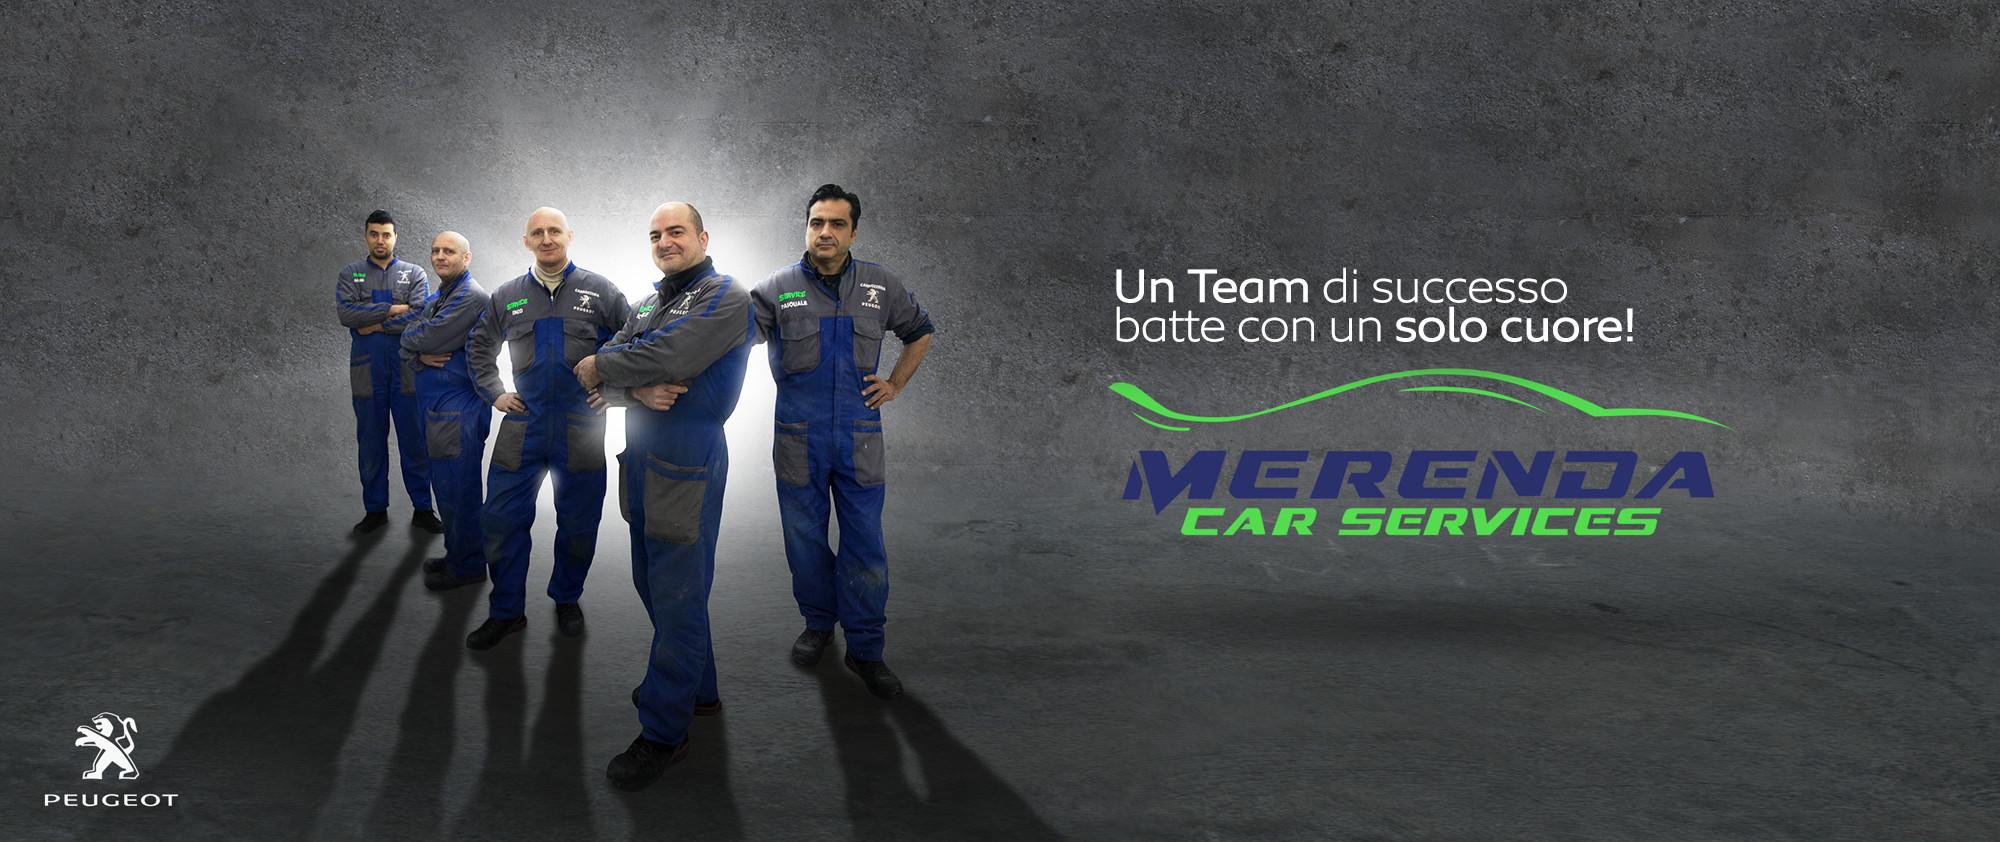 Team carrozzeria merenda